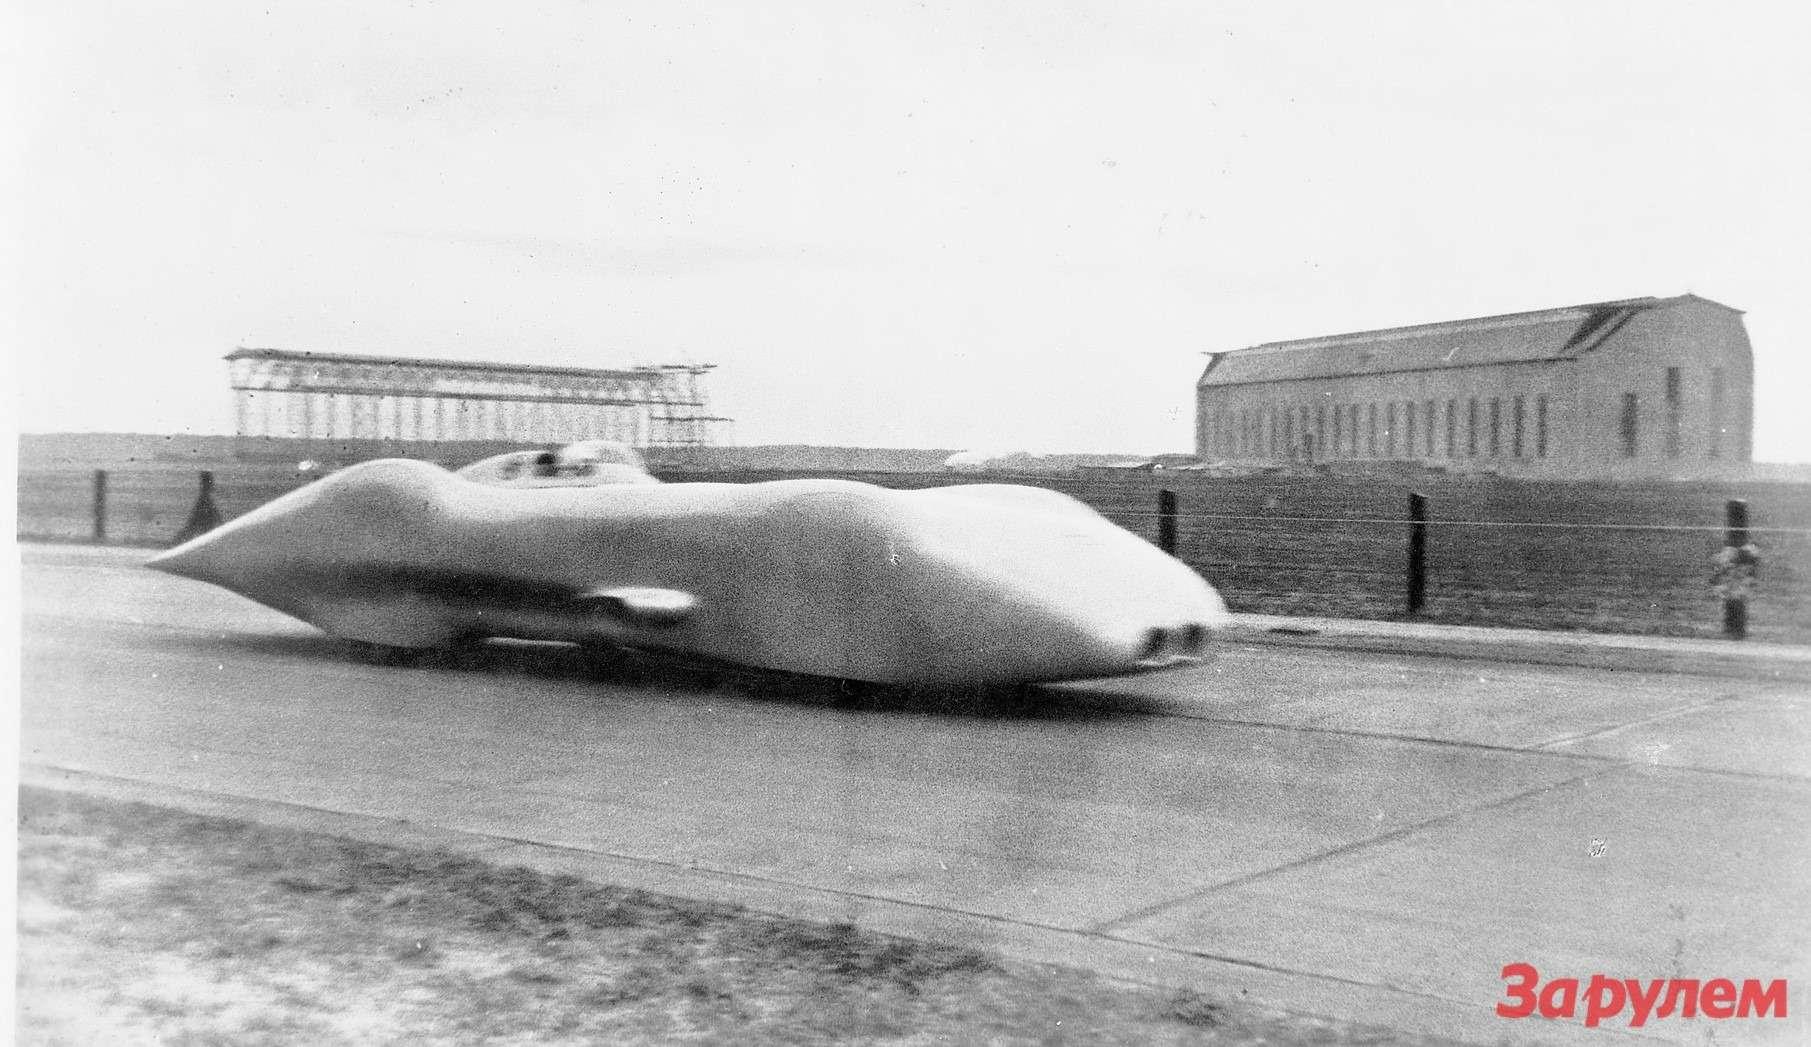 Рекордный заезд Караччиолы наболиде Mercedes-Benz W125по автобану Франкфурт— Дармштадт 28января 1938 года. Назаднем плане— эллинги для«цеппелинов» наместе нынешнего международного аэропорта Франкфурта-на-Майне. Втот день Караччиола установил мировой рекорд скорости 432,7 км/ч